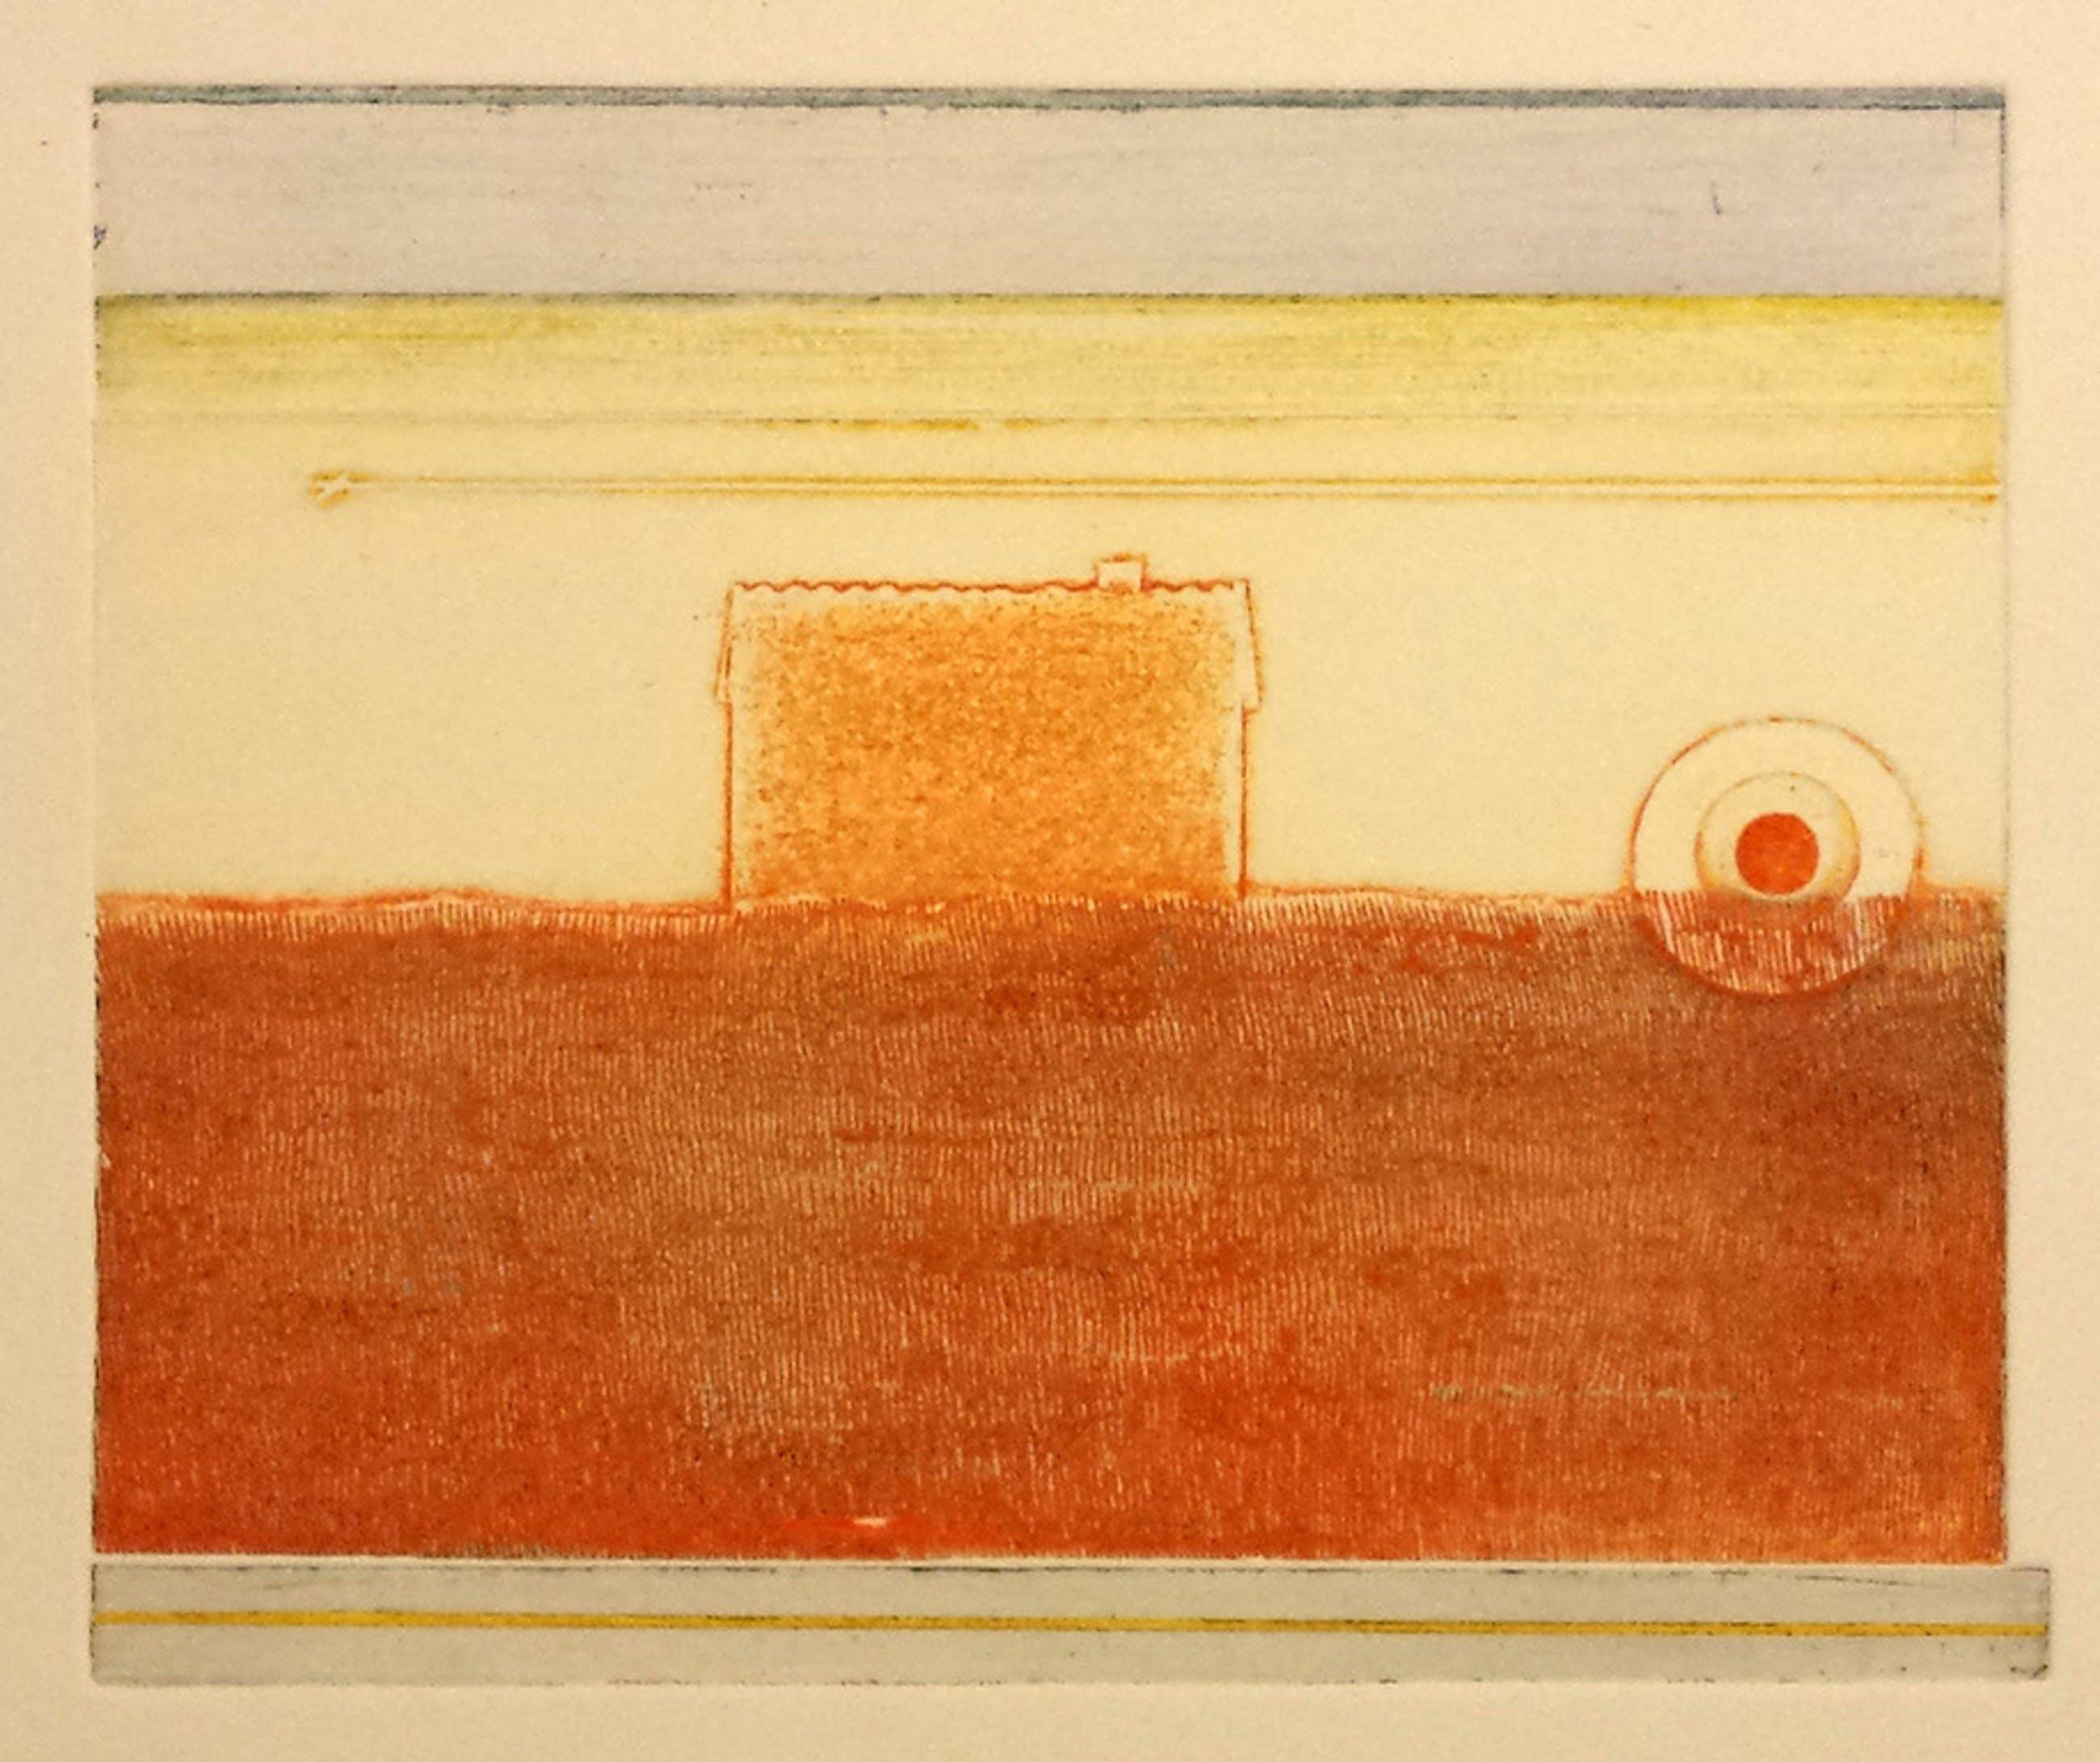 Eduard Flor, Ets nr 5, tijd, 1974 kopen? Bied vanaf 5!